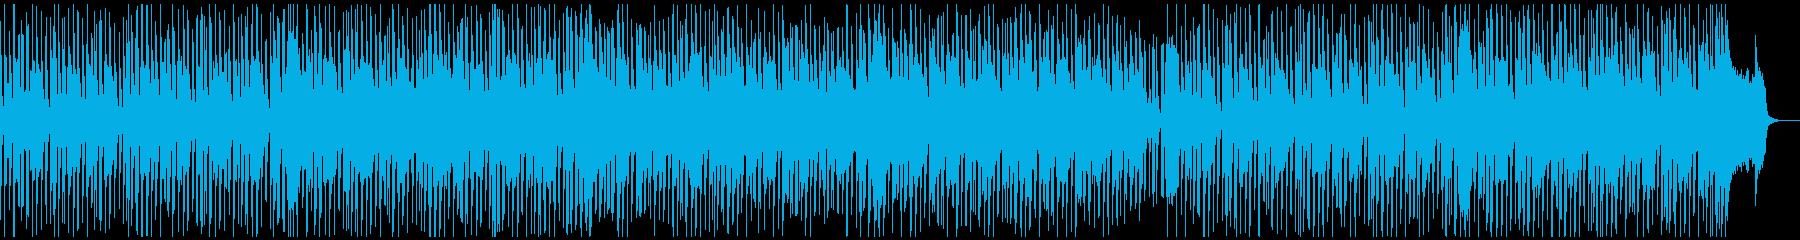 スキップしたくなる楽しいポップソングの再生済みの波形